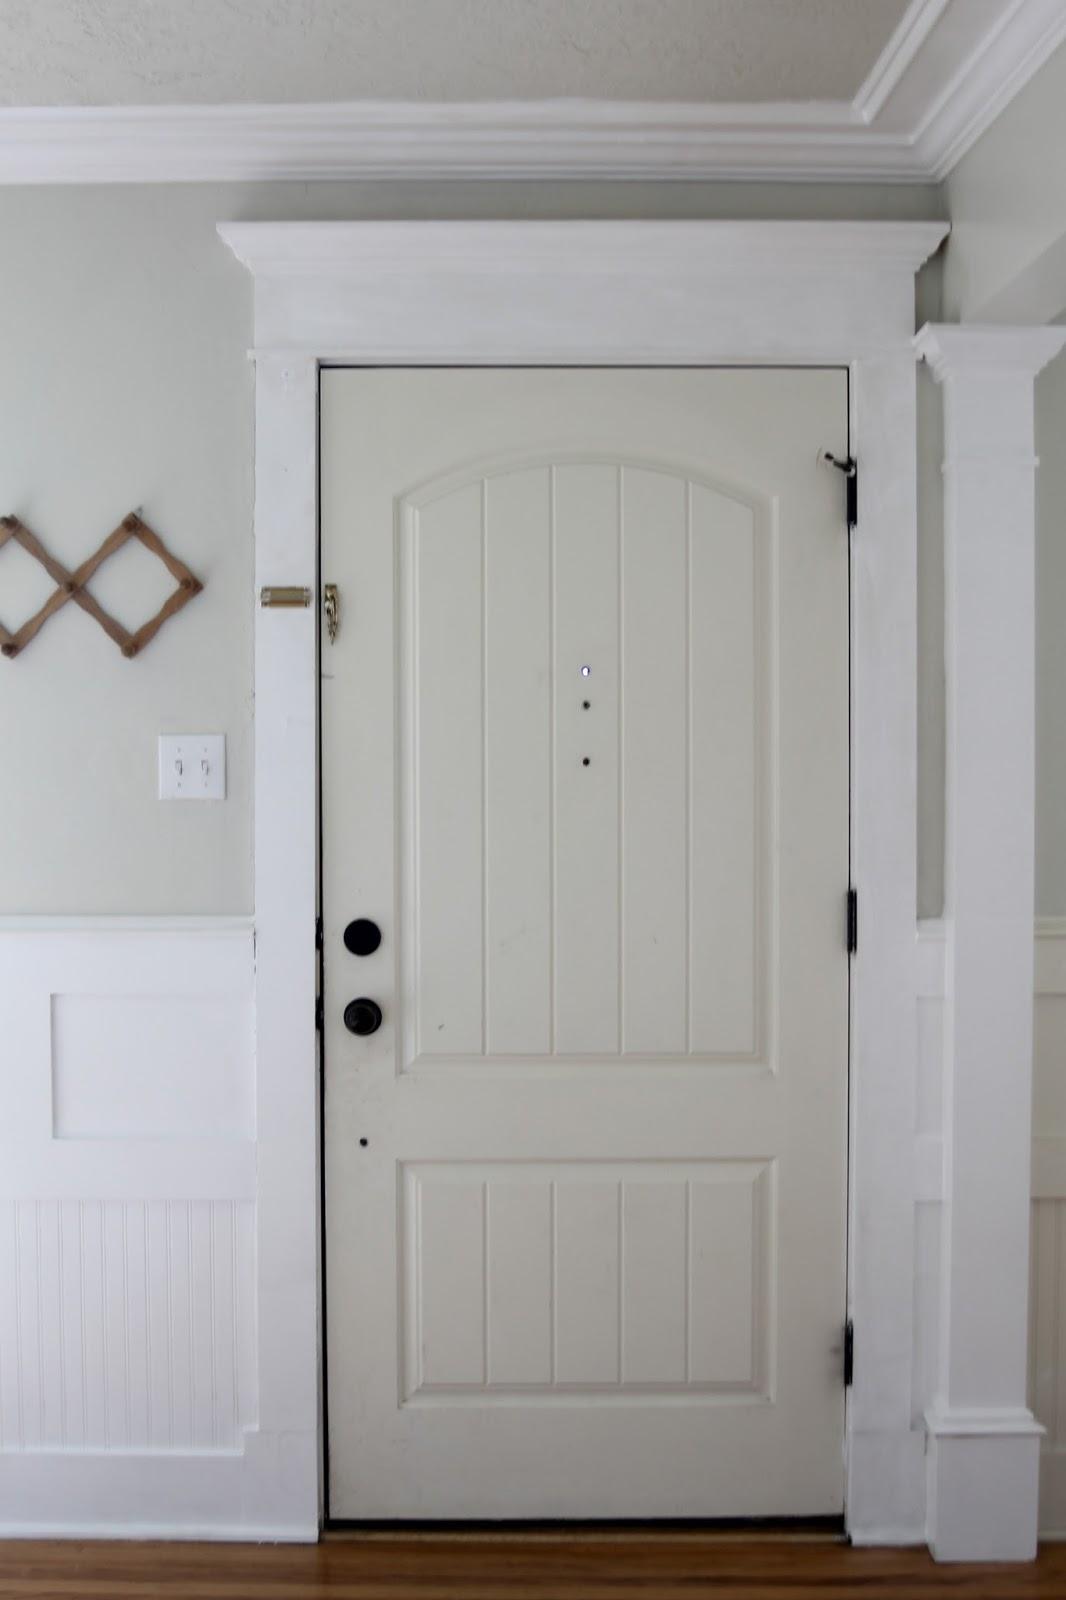 Painted Interior Door - The Wicker House